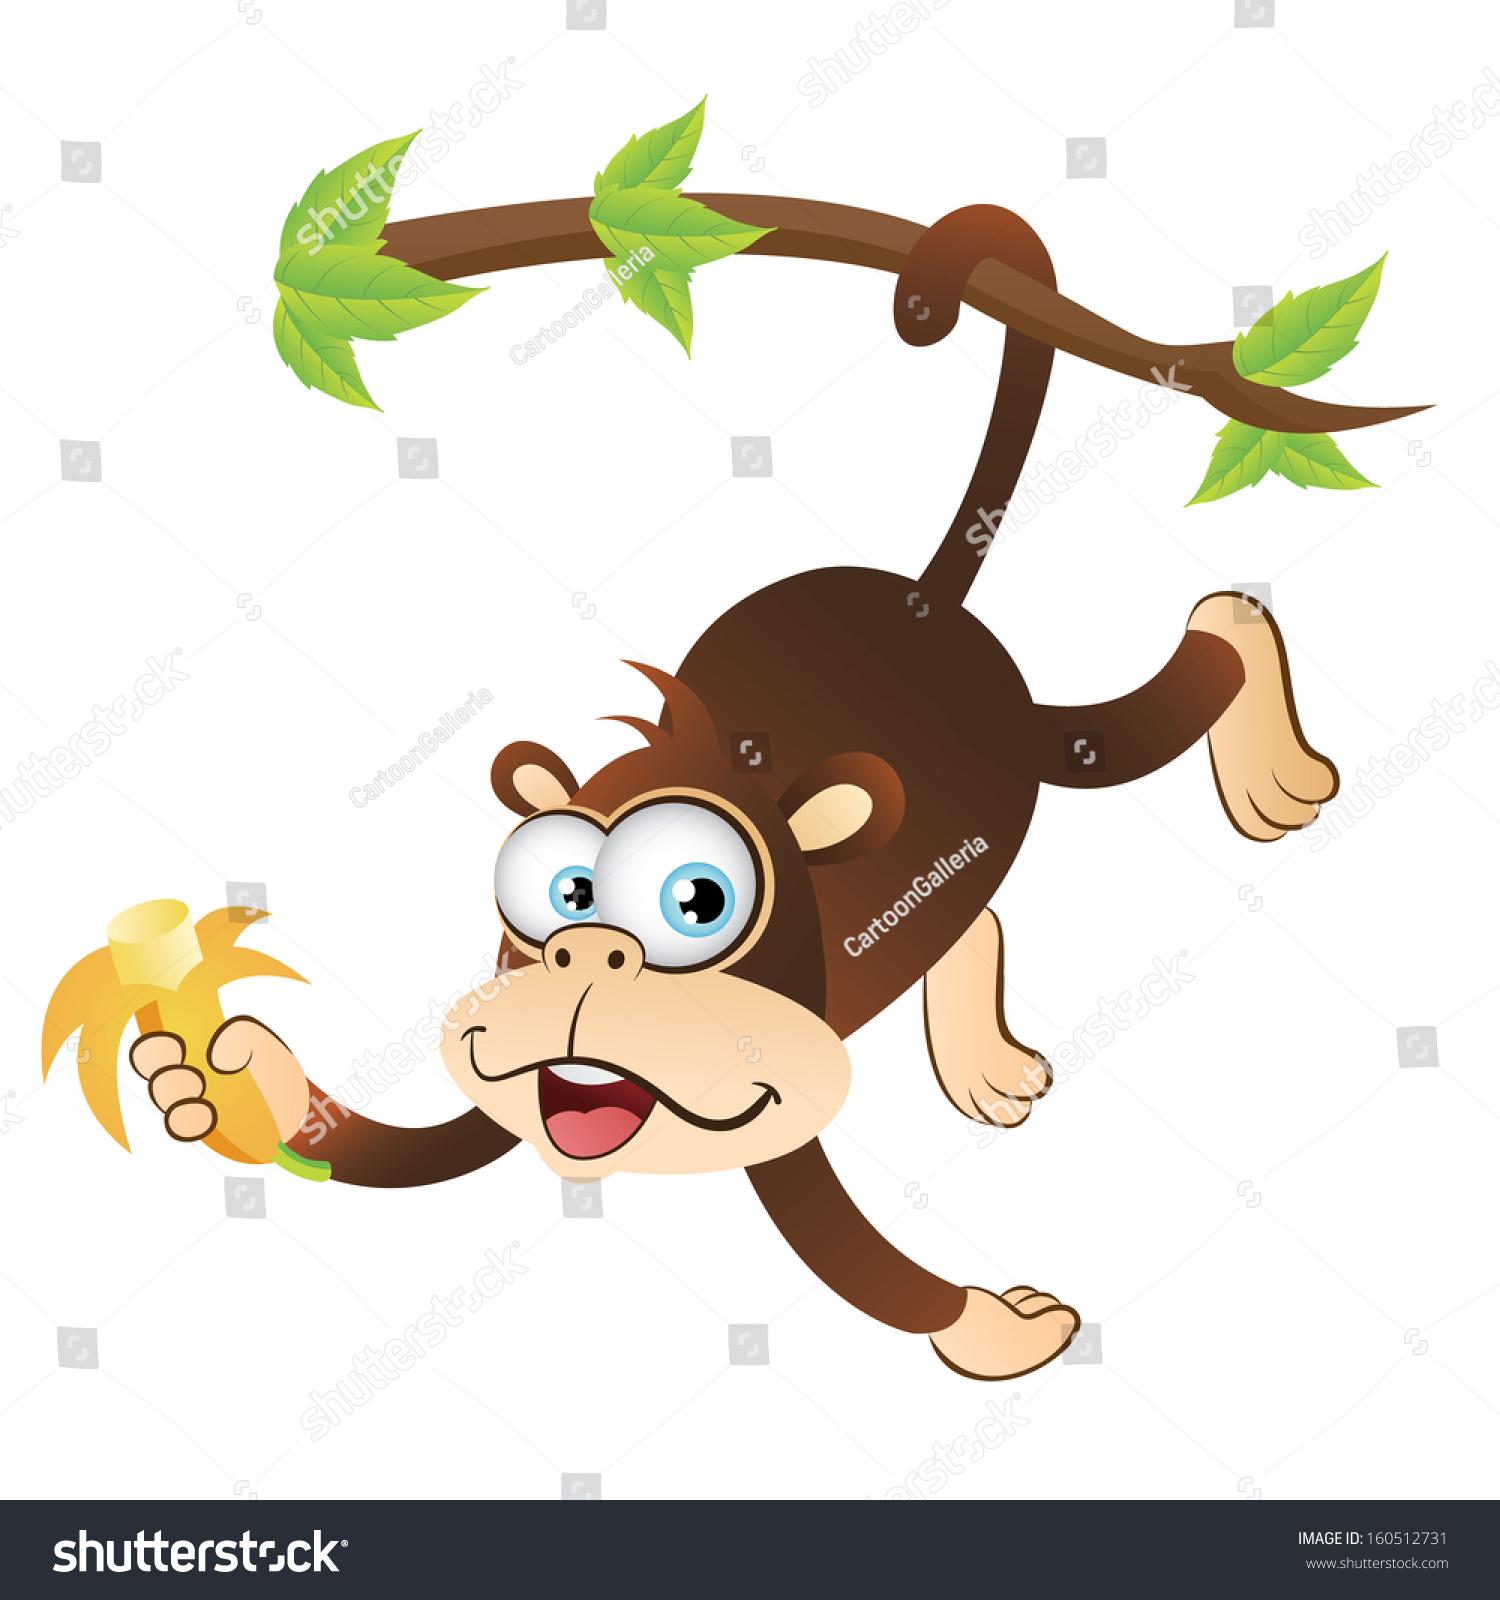 Cartoon monkeys hanging from a tree - photo#22